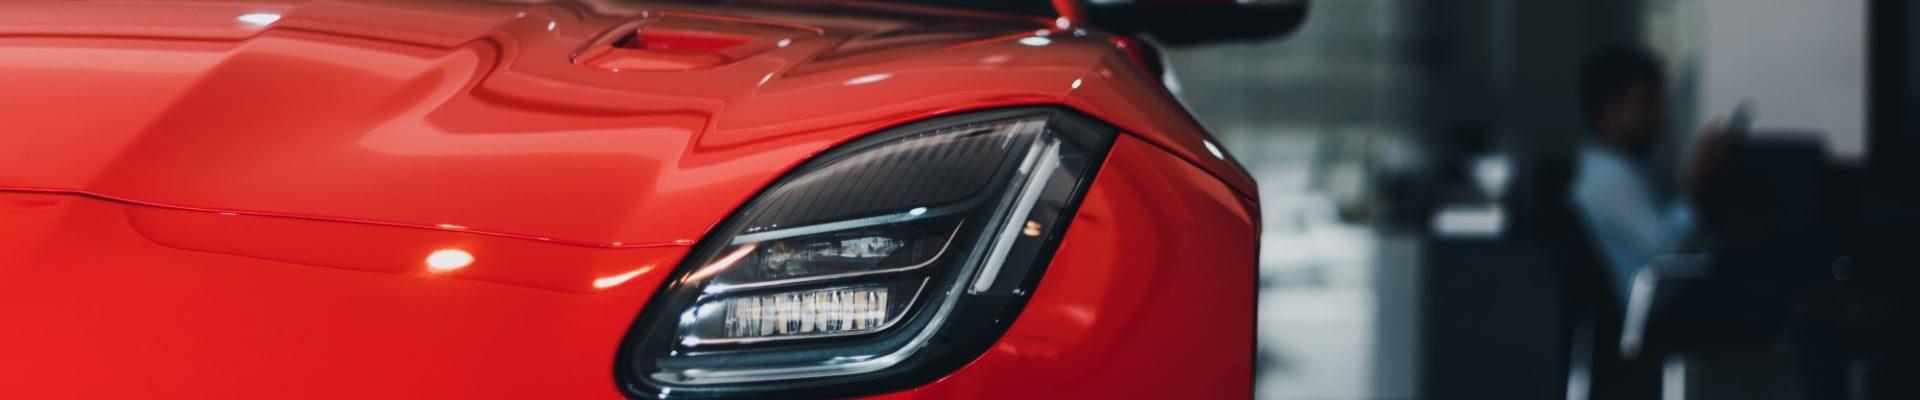 Czerwony samochód Jaguar R Type